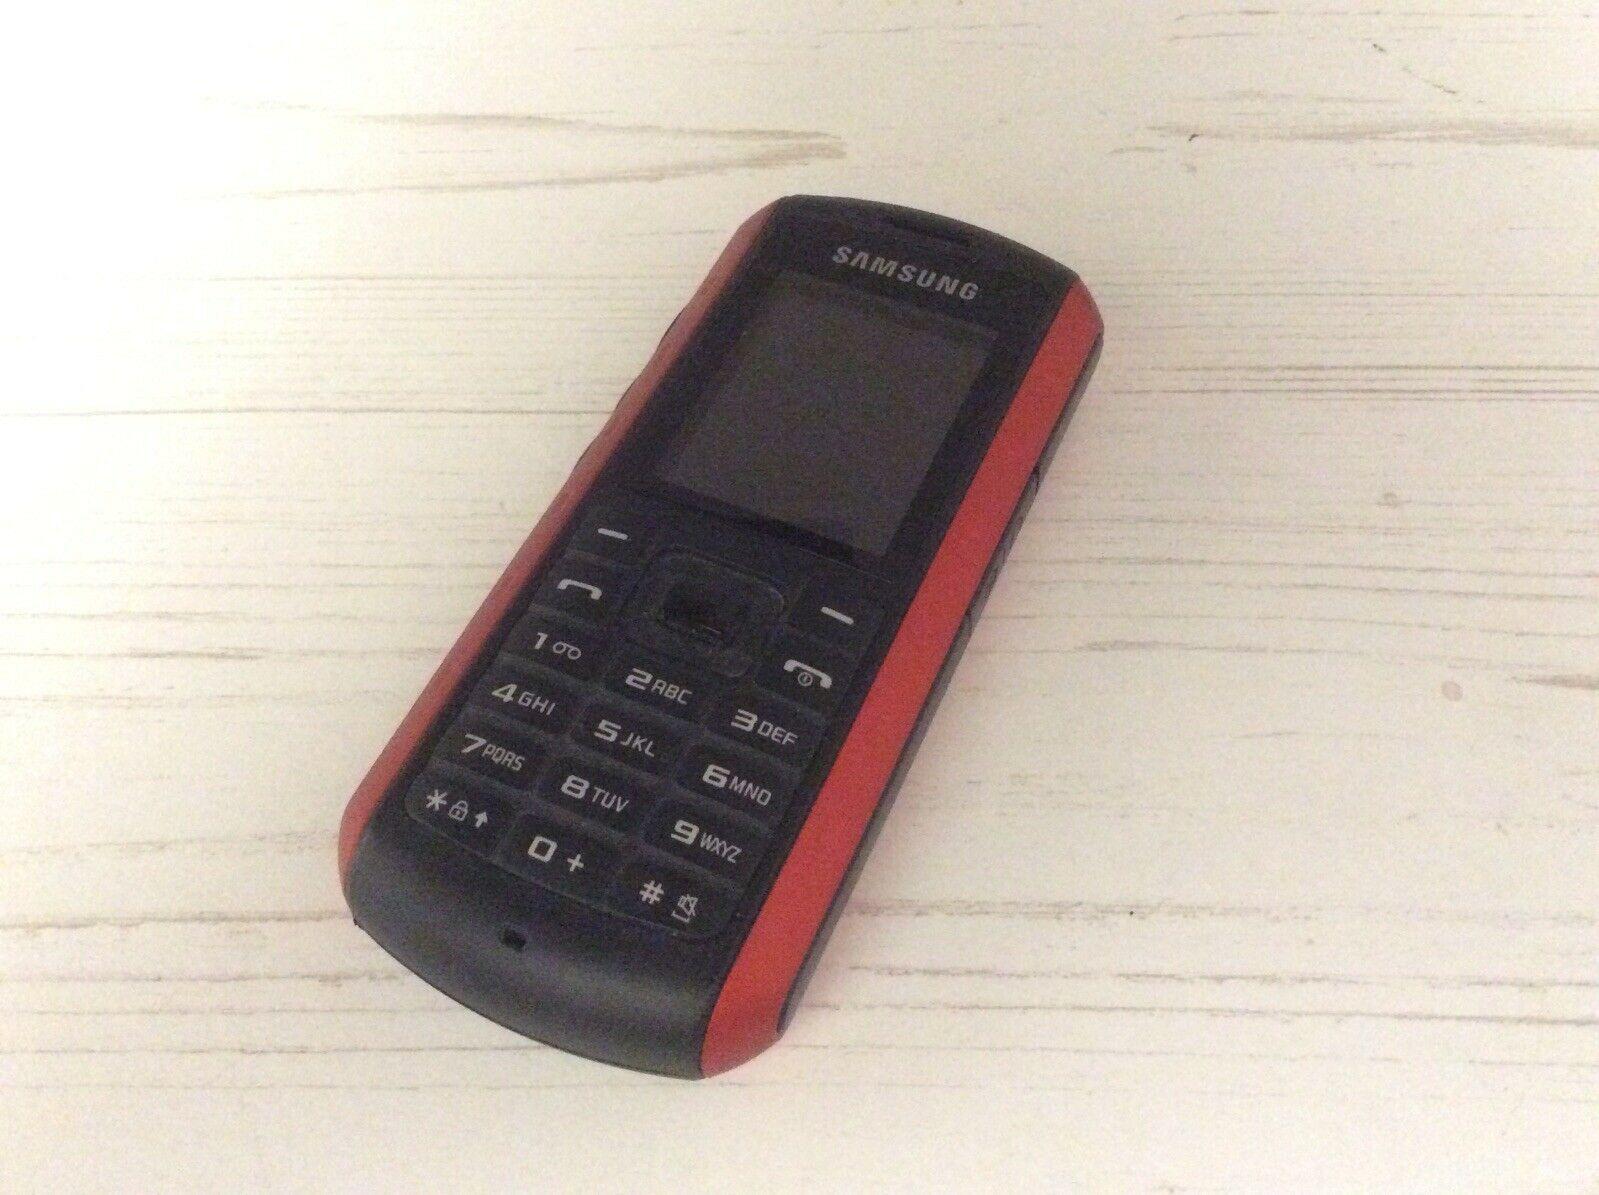 Samsung Handyhullen Panosundaki Pin